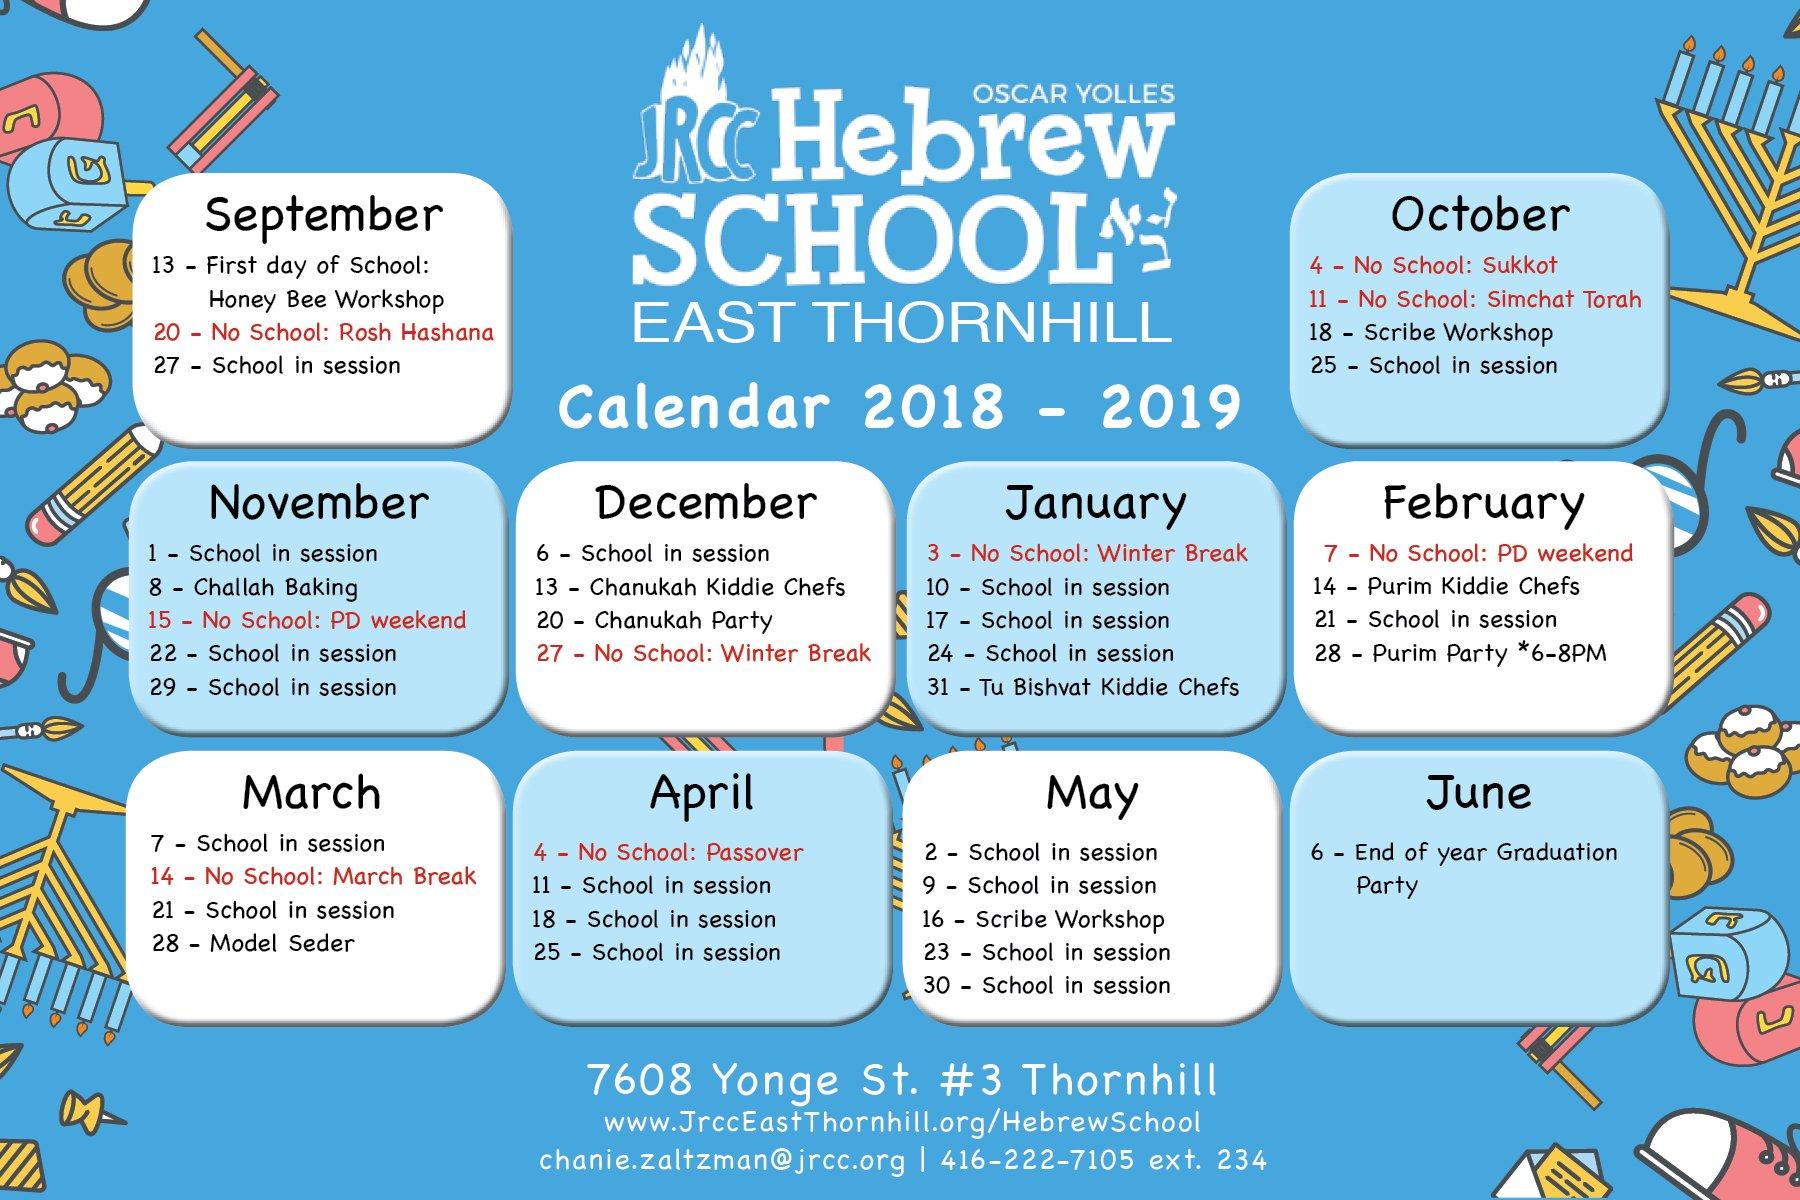 ScheduleForSchoolCalendar-FINAL.jpg